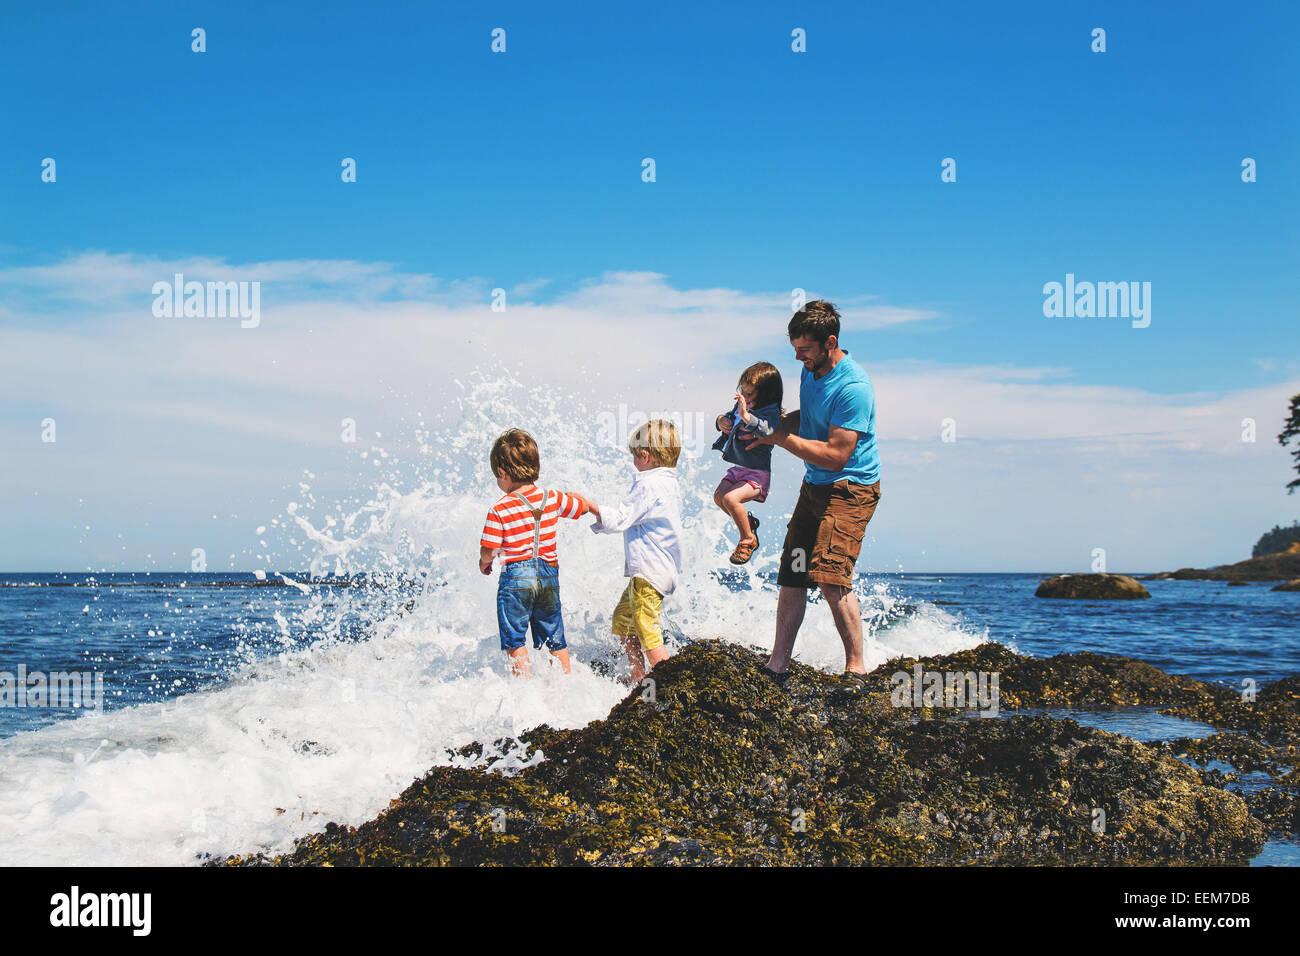 Vater und drei Kinder (2-3, 4-5) spielen in Wellen Stockbild